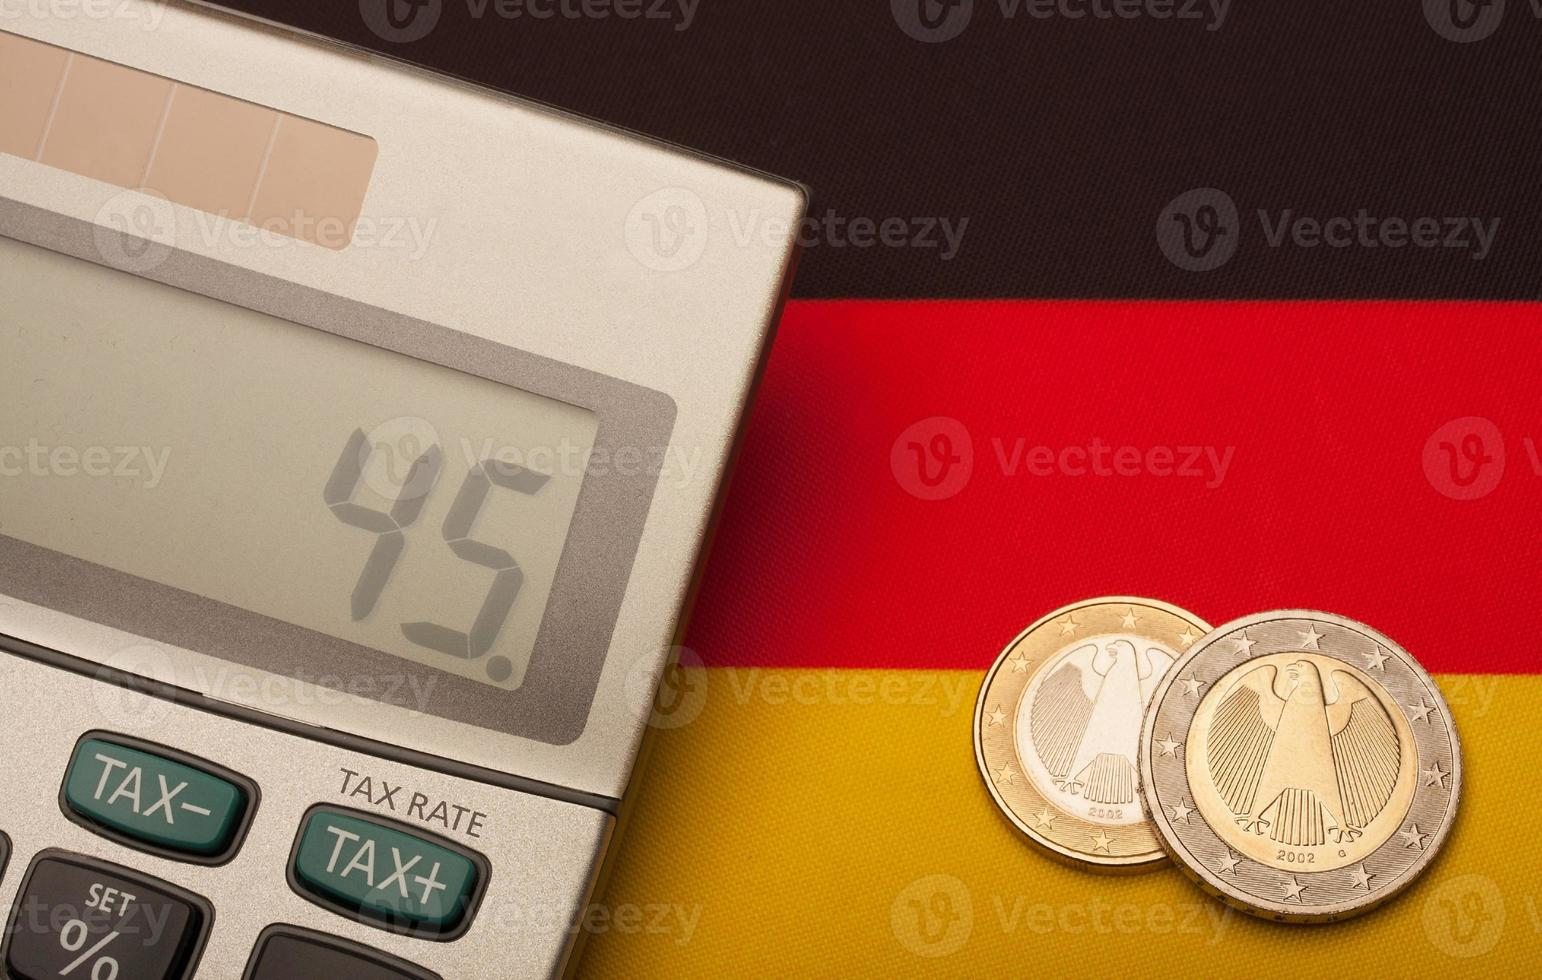 höchster steuersatz in deutschland foto